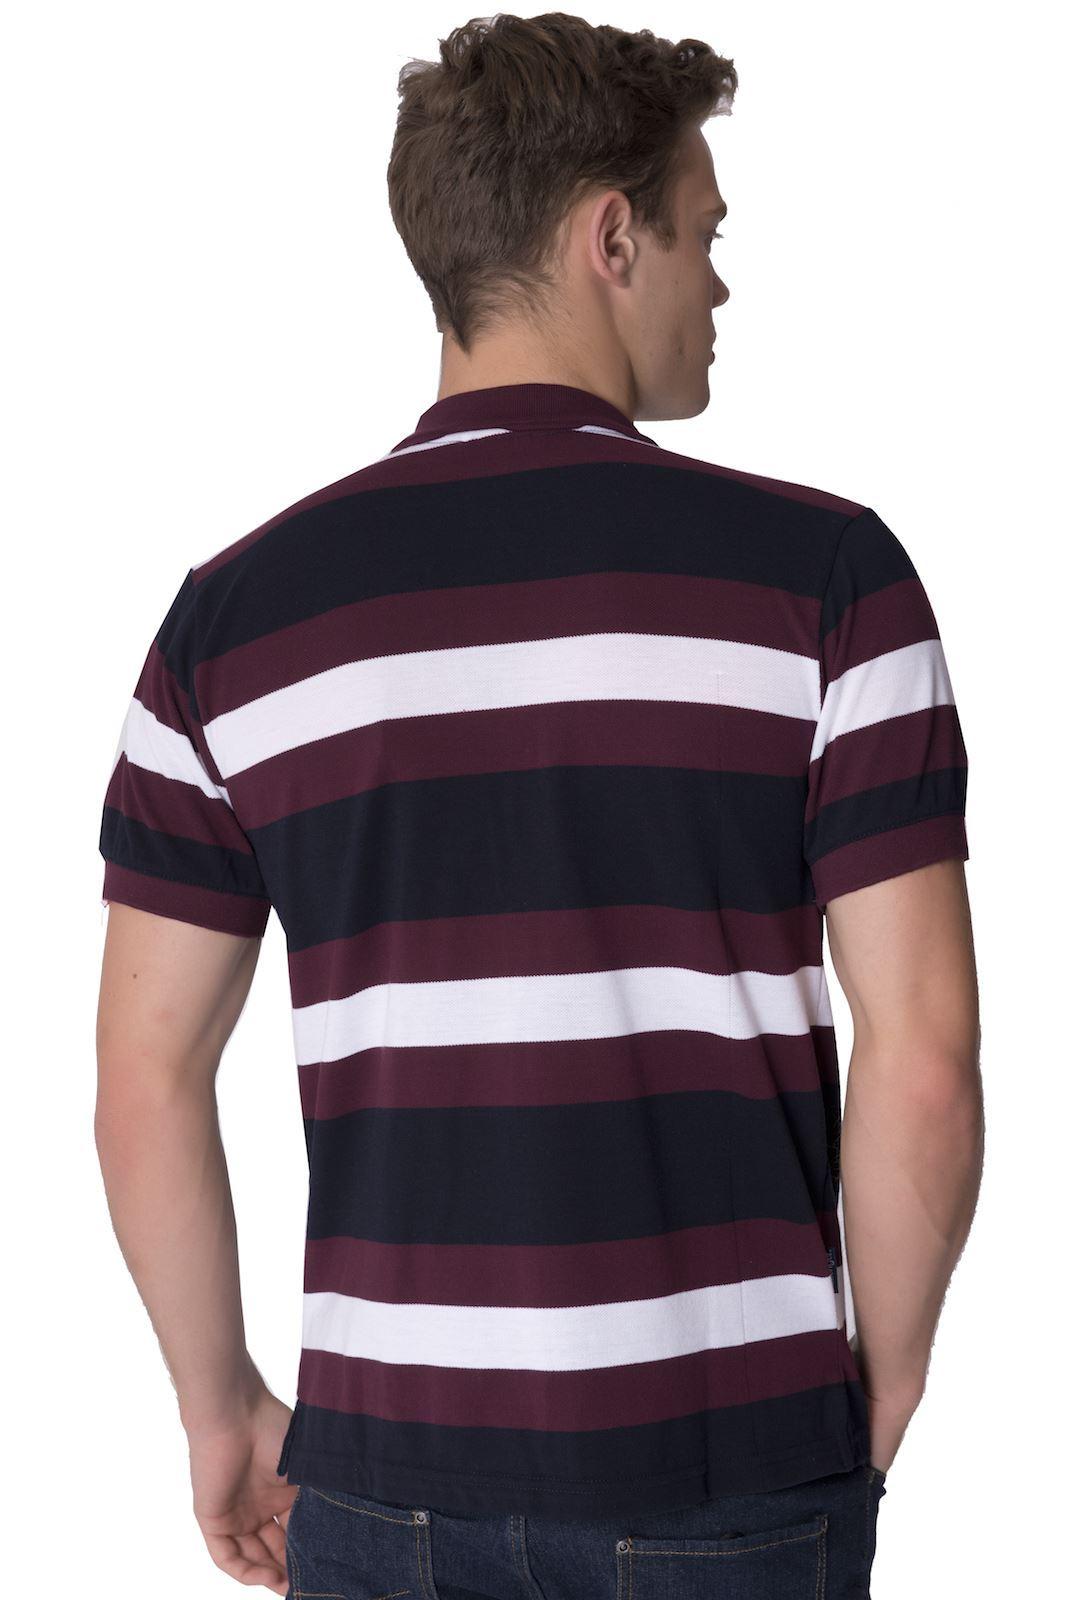 Slazenger mens striped branded polo shirt short sleeved for Button collar t shirt